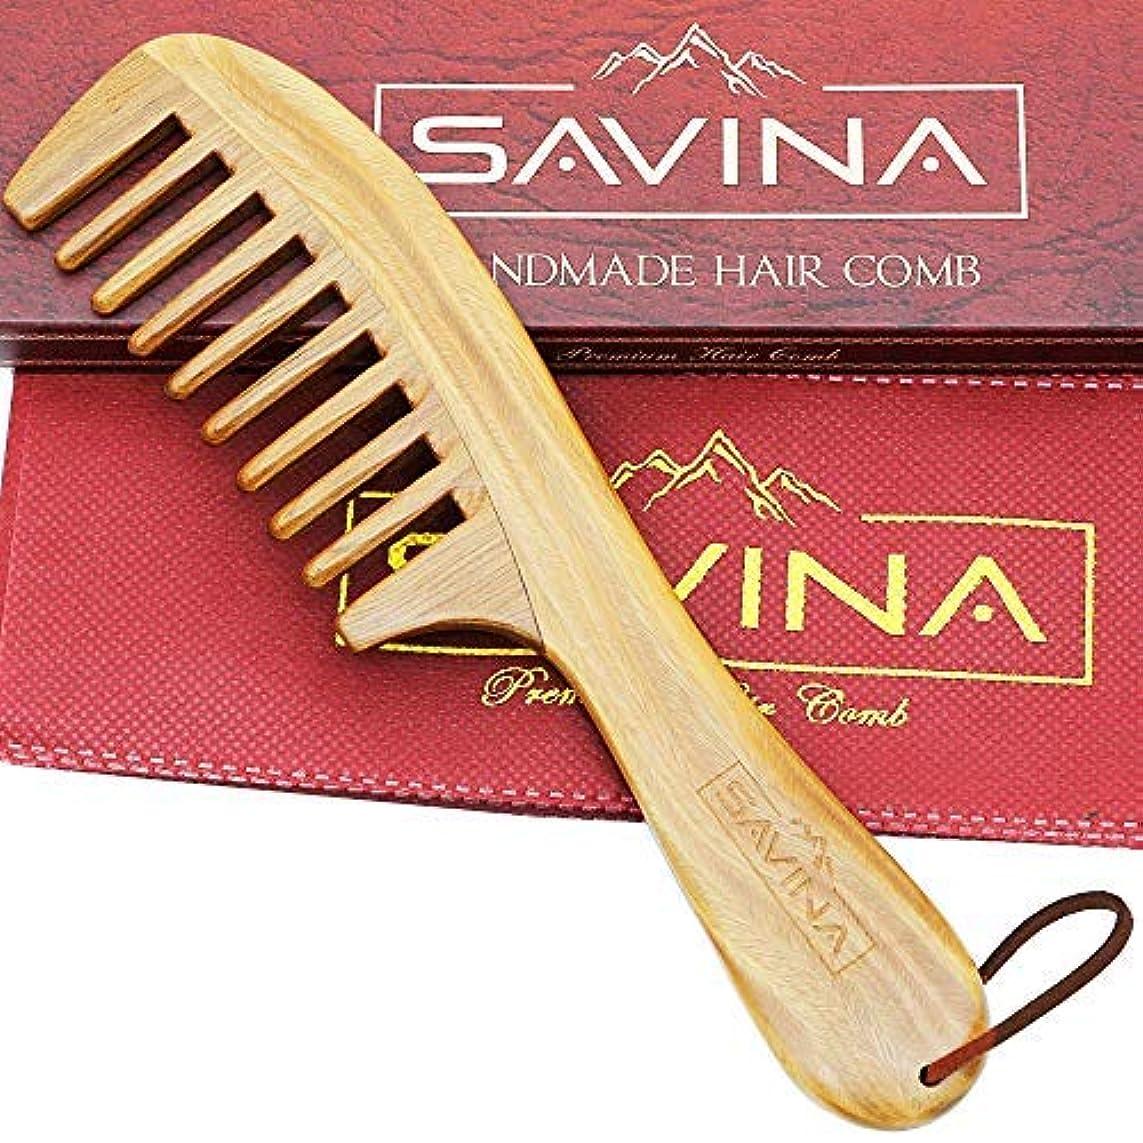 自治的時系列発信Wooden Comb - 8.6 inch Wide Tooth Wood Comb for Thick, Curly Hair by Savina - Anti Static, Reduces Breakage & Split Ends - Detangling Comb for Women, Men and Kids [並行輸入品]